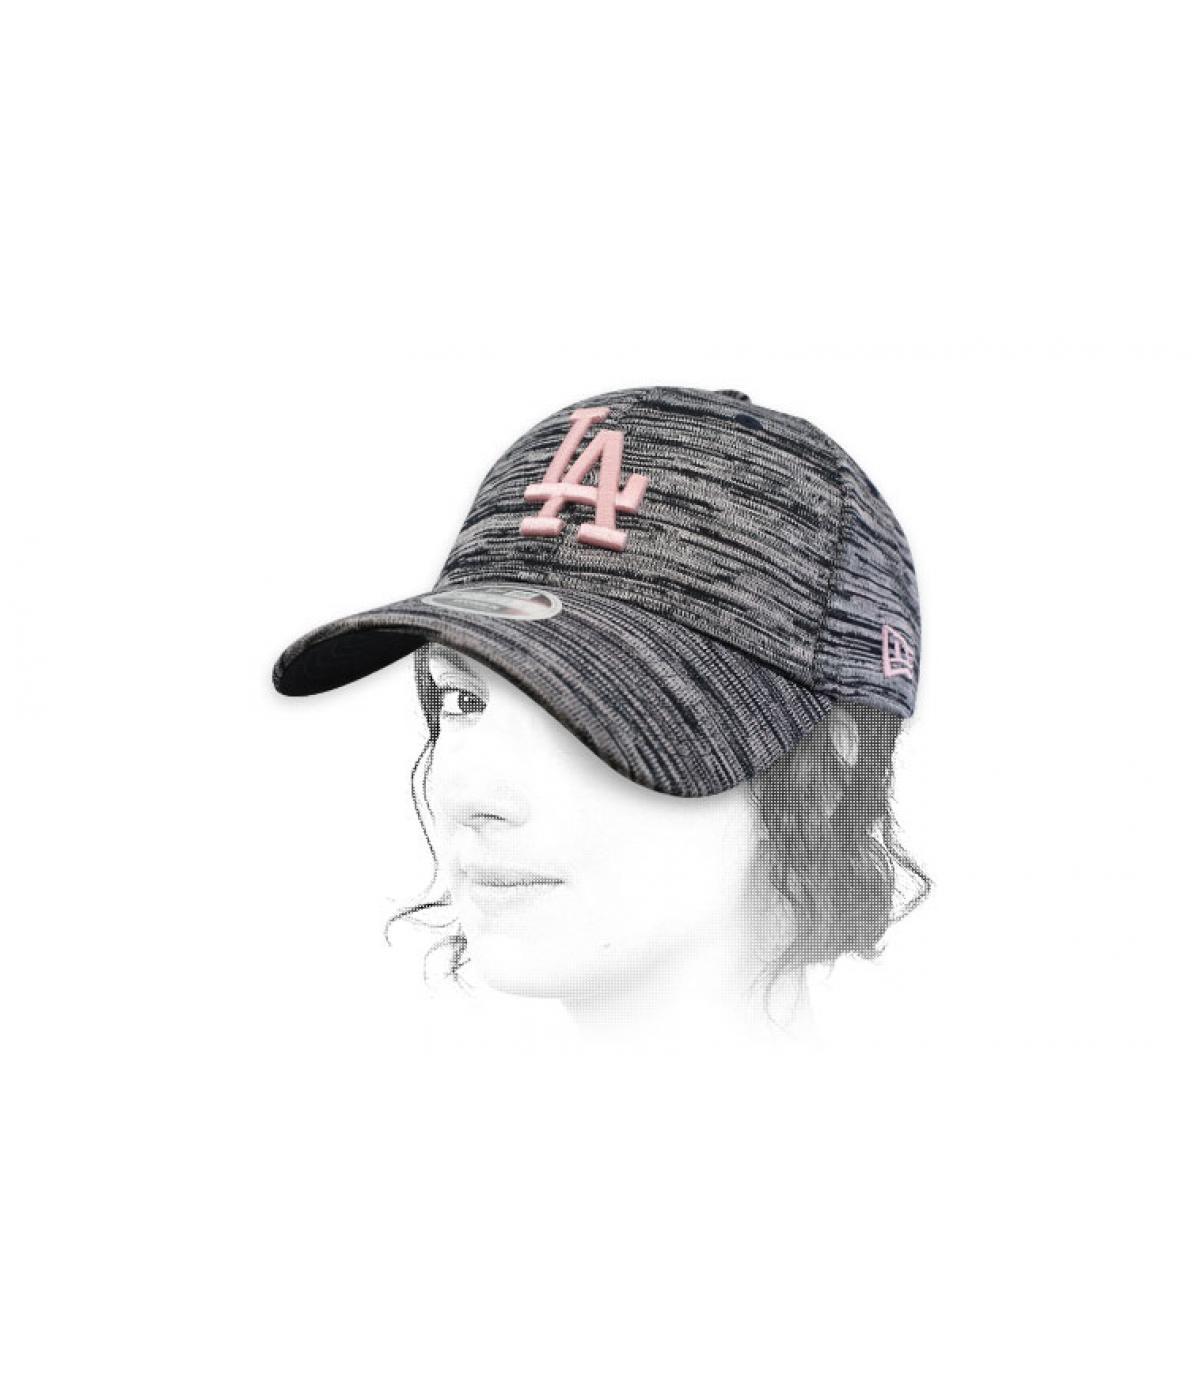 pink blue LA cap